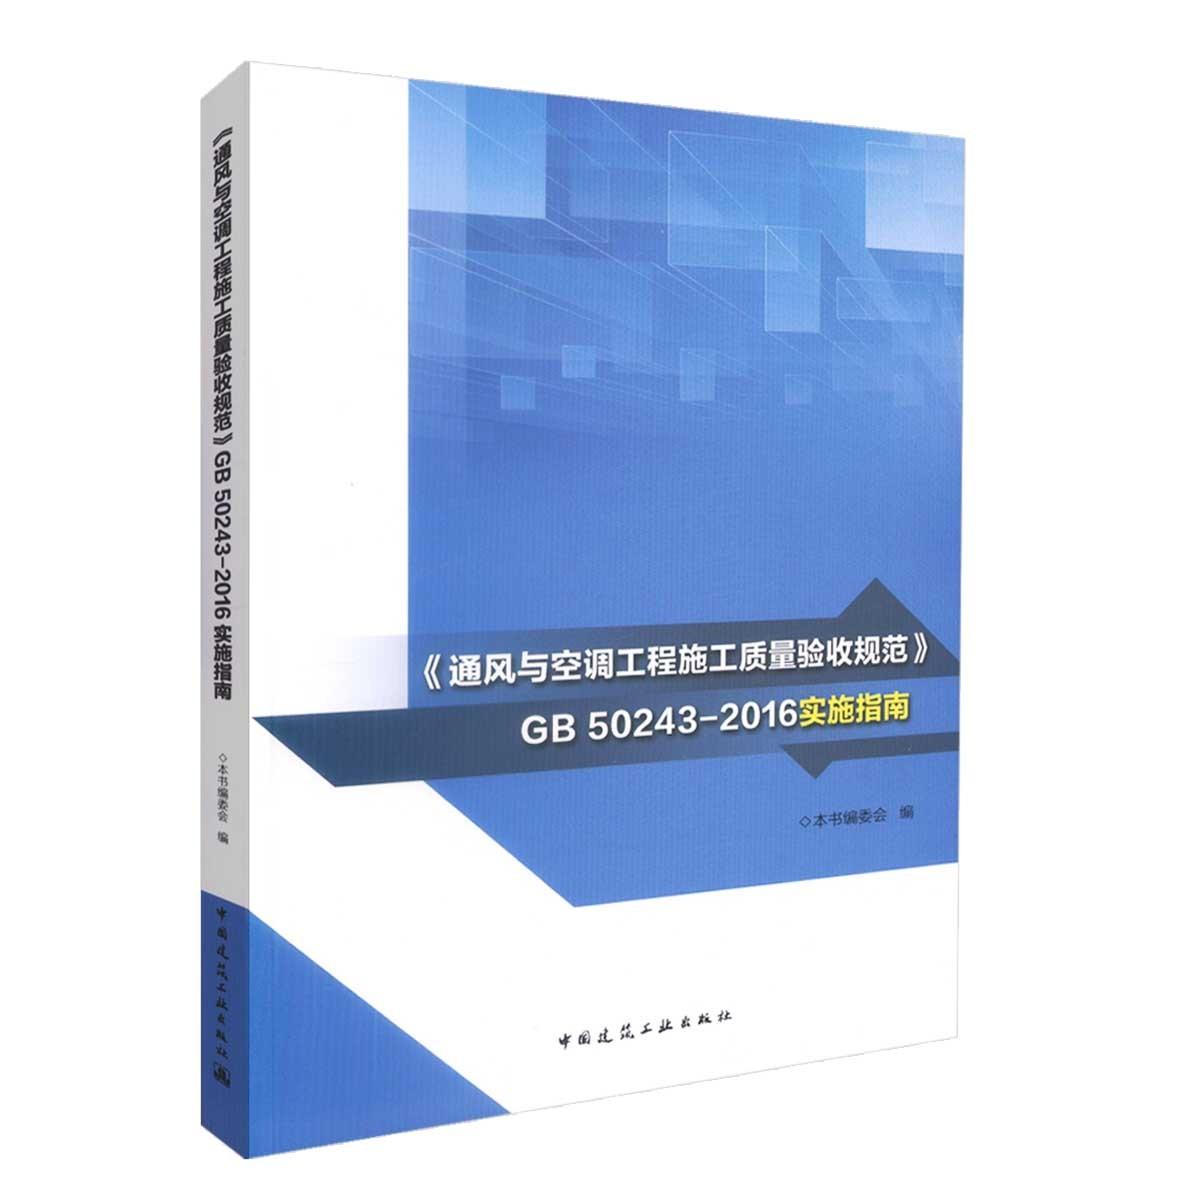 《通风与空调工程施工质量验收规范GB50243-2016》实施指南